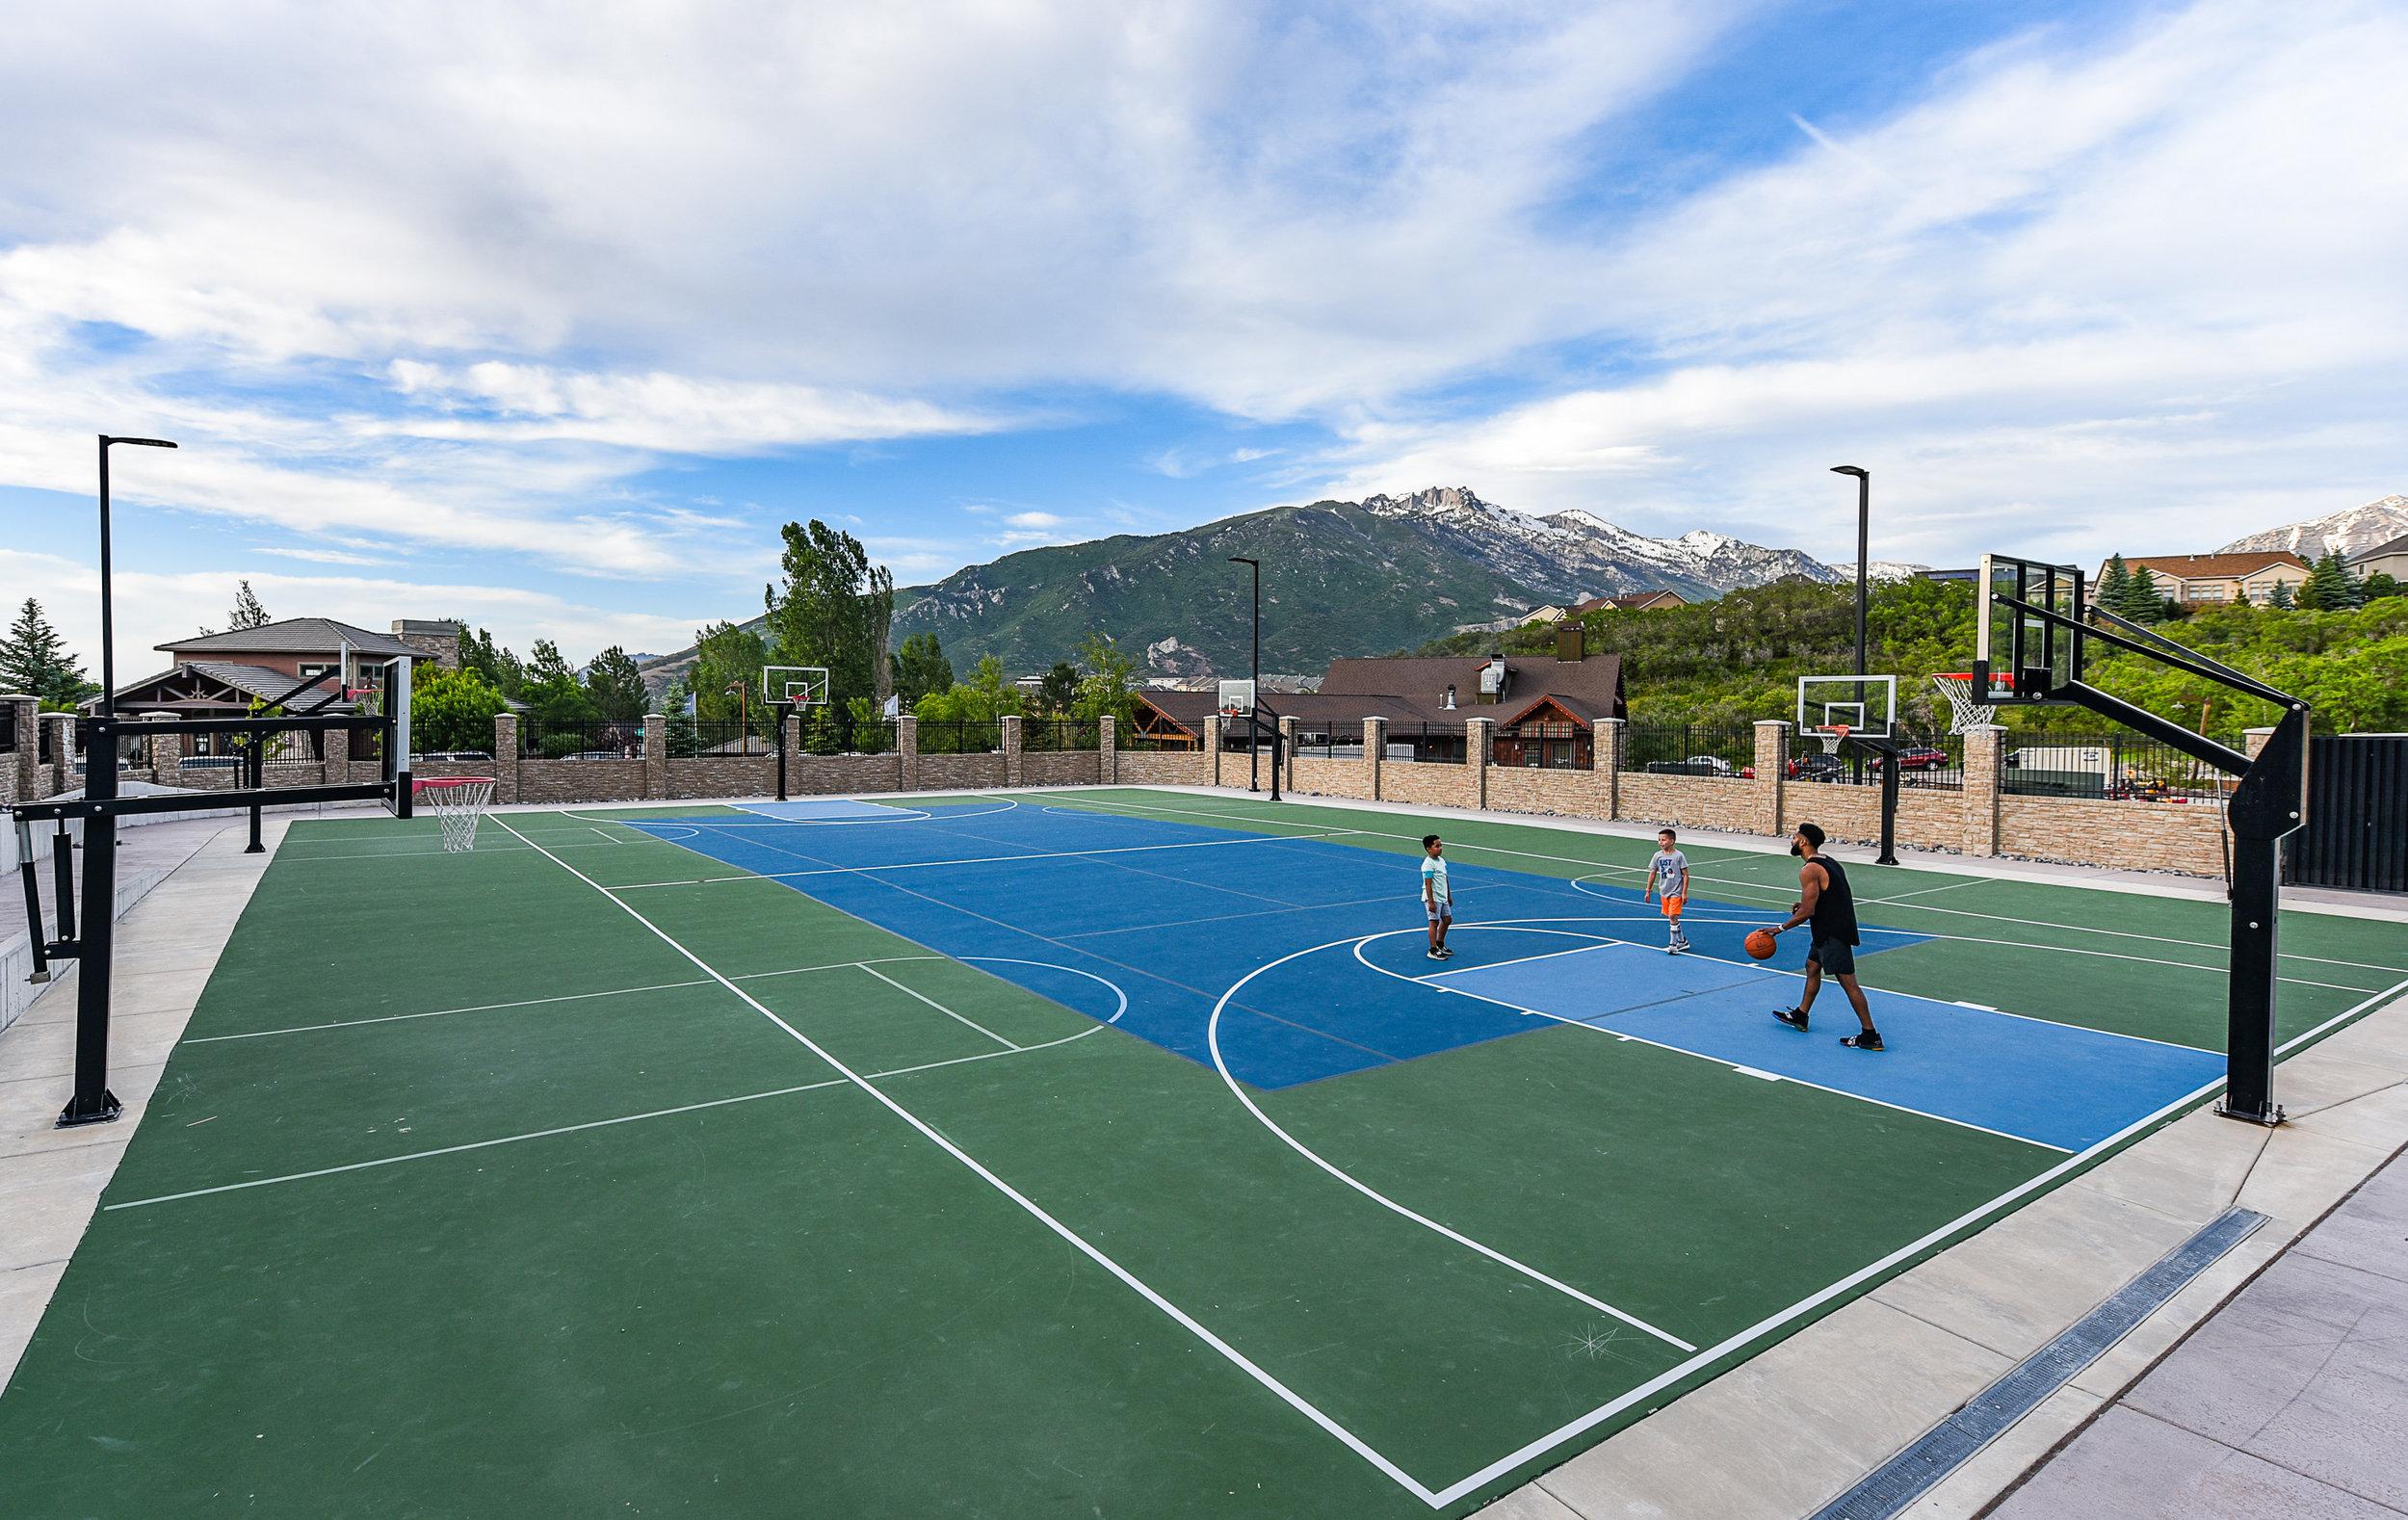 sportscourt-1.jpg